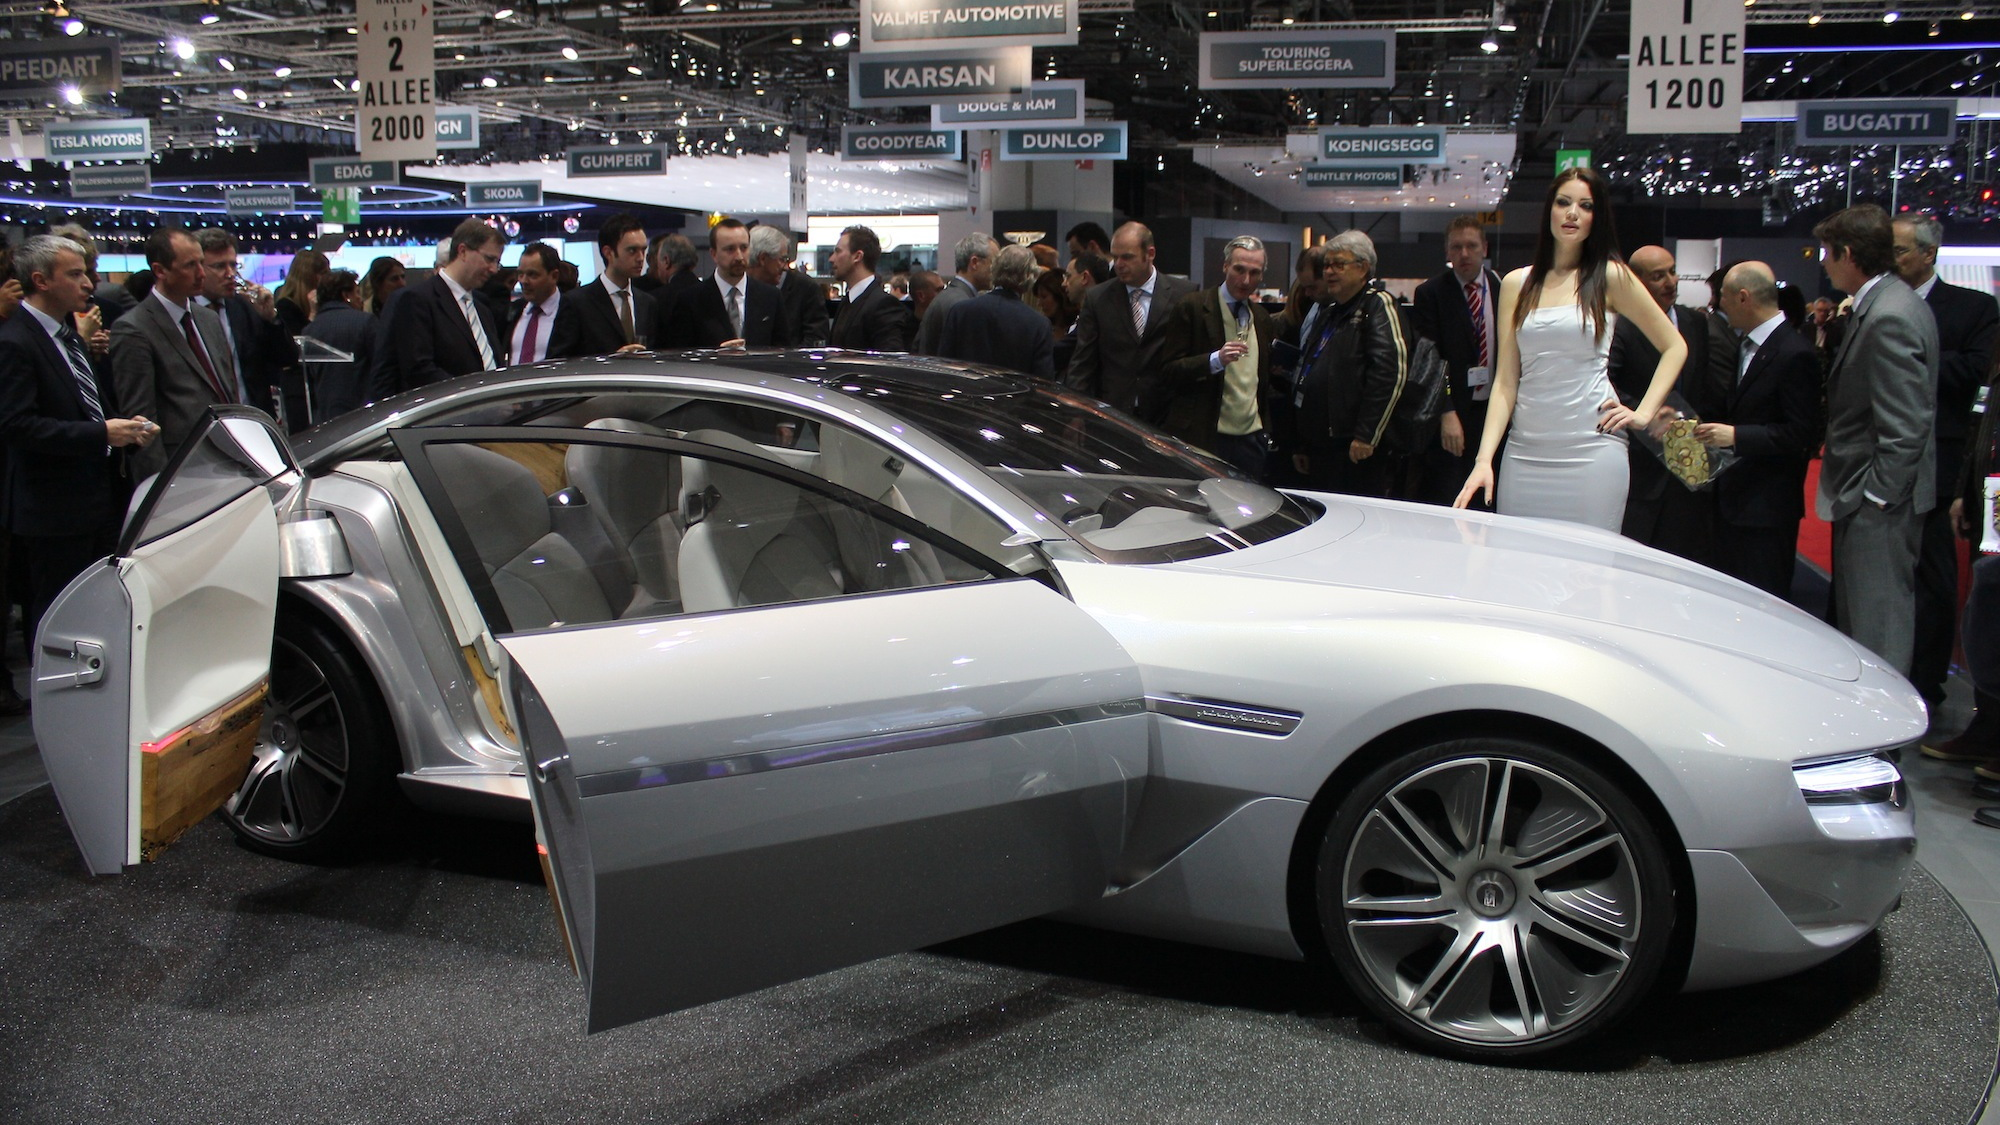 Pininfarina Cambiano live photos, 2012 Geneva Motor Show